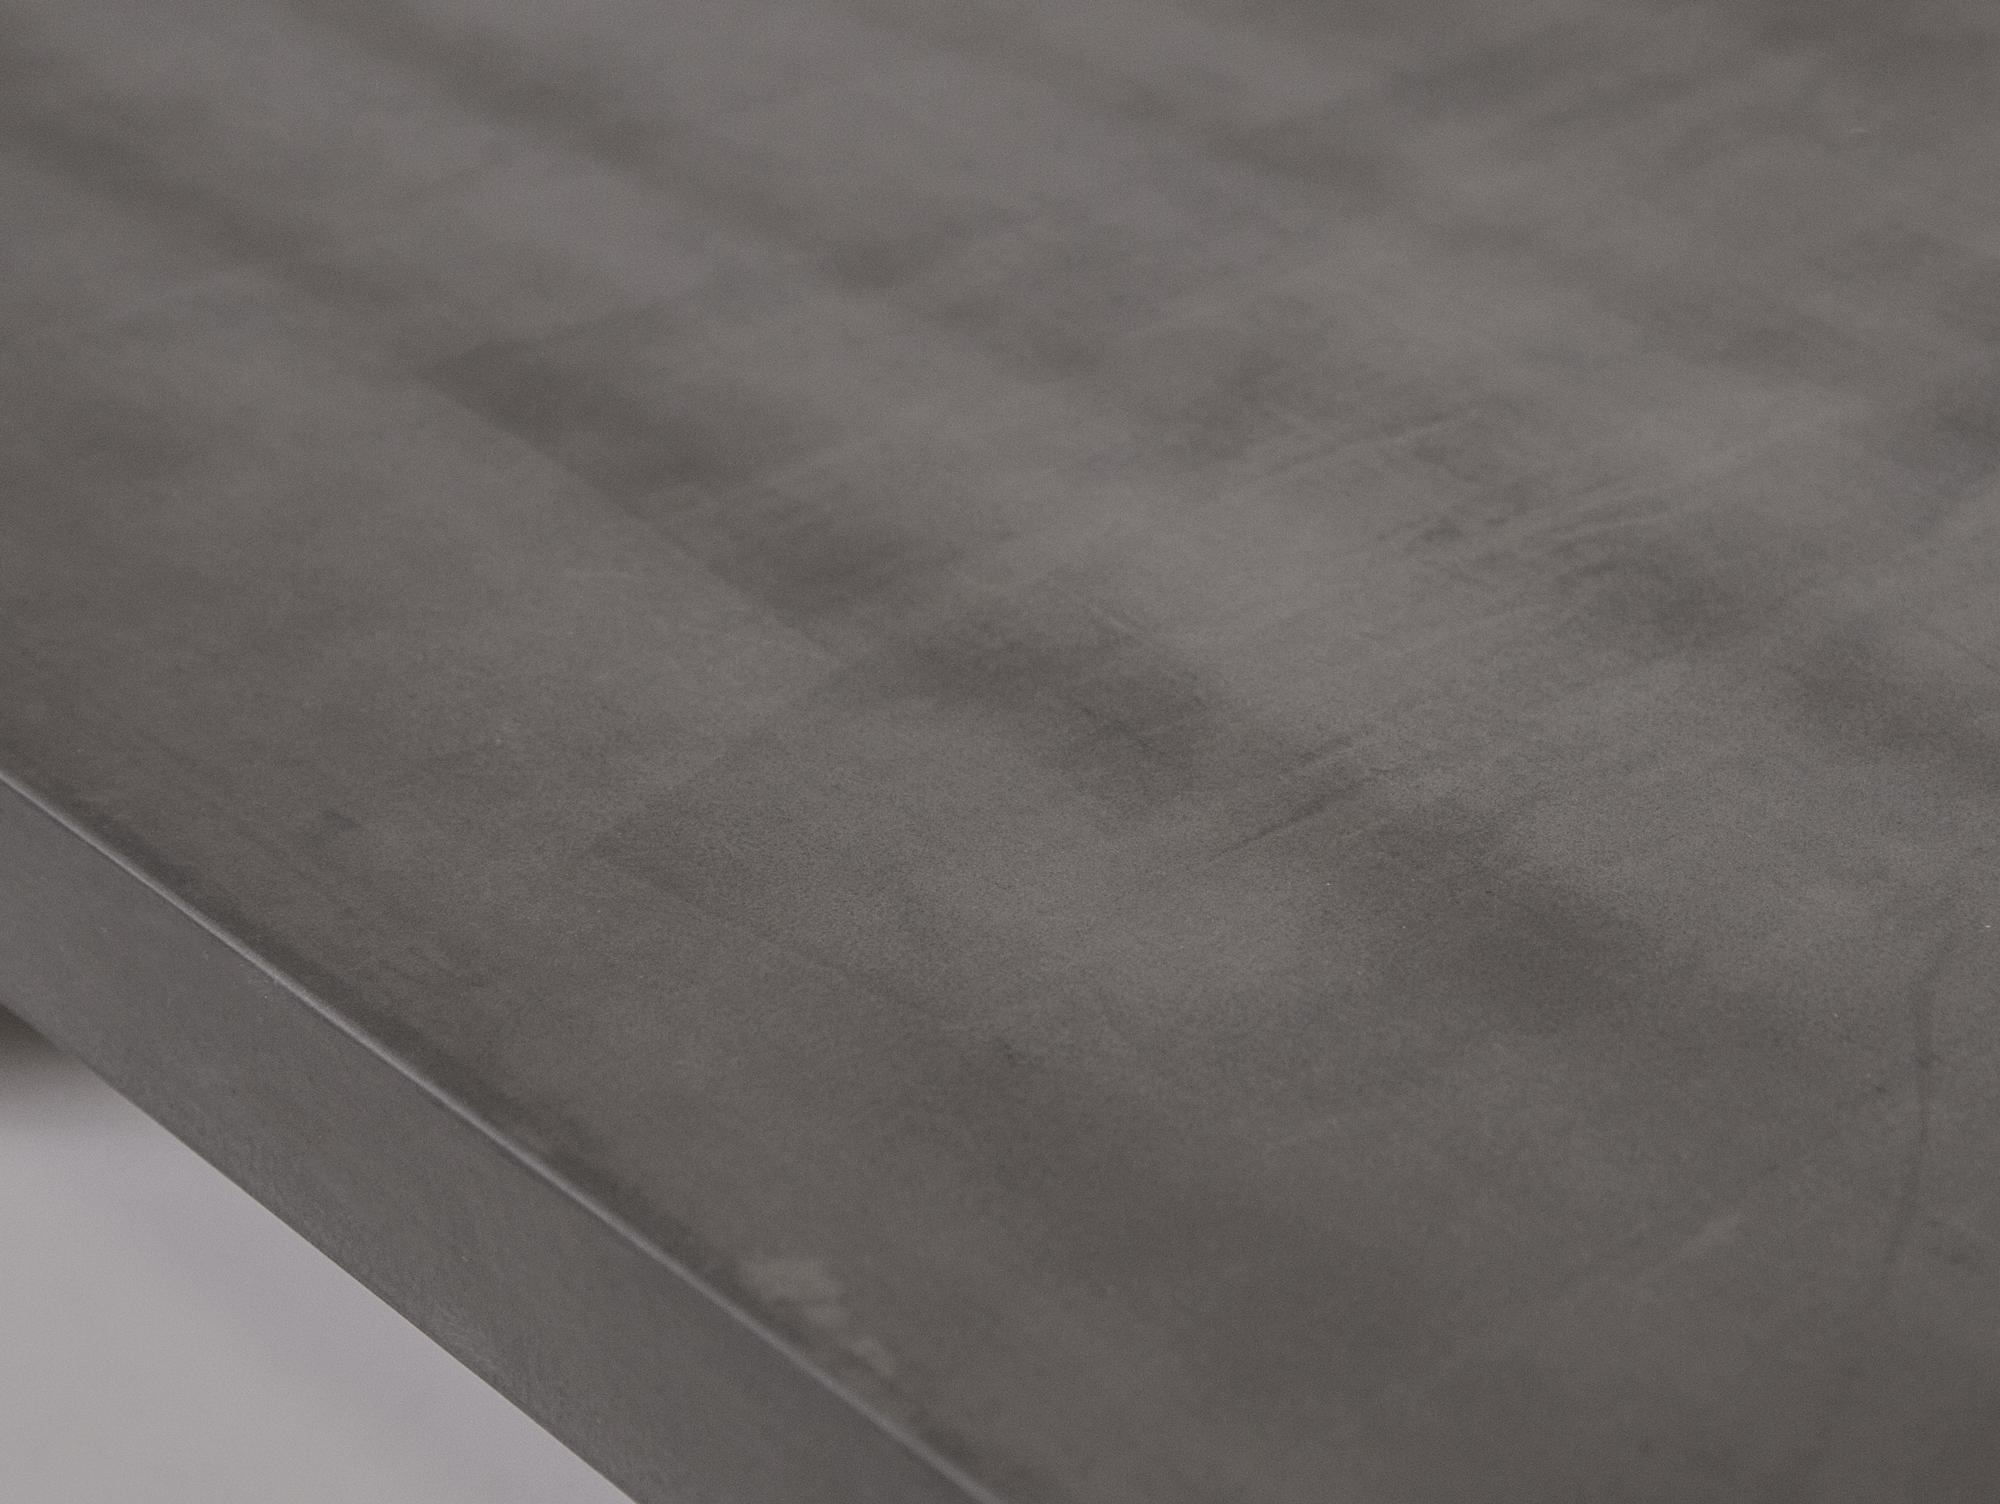 couchtisch aus beton: tisch beton fantastisch nelly esstisch beton